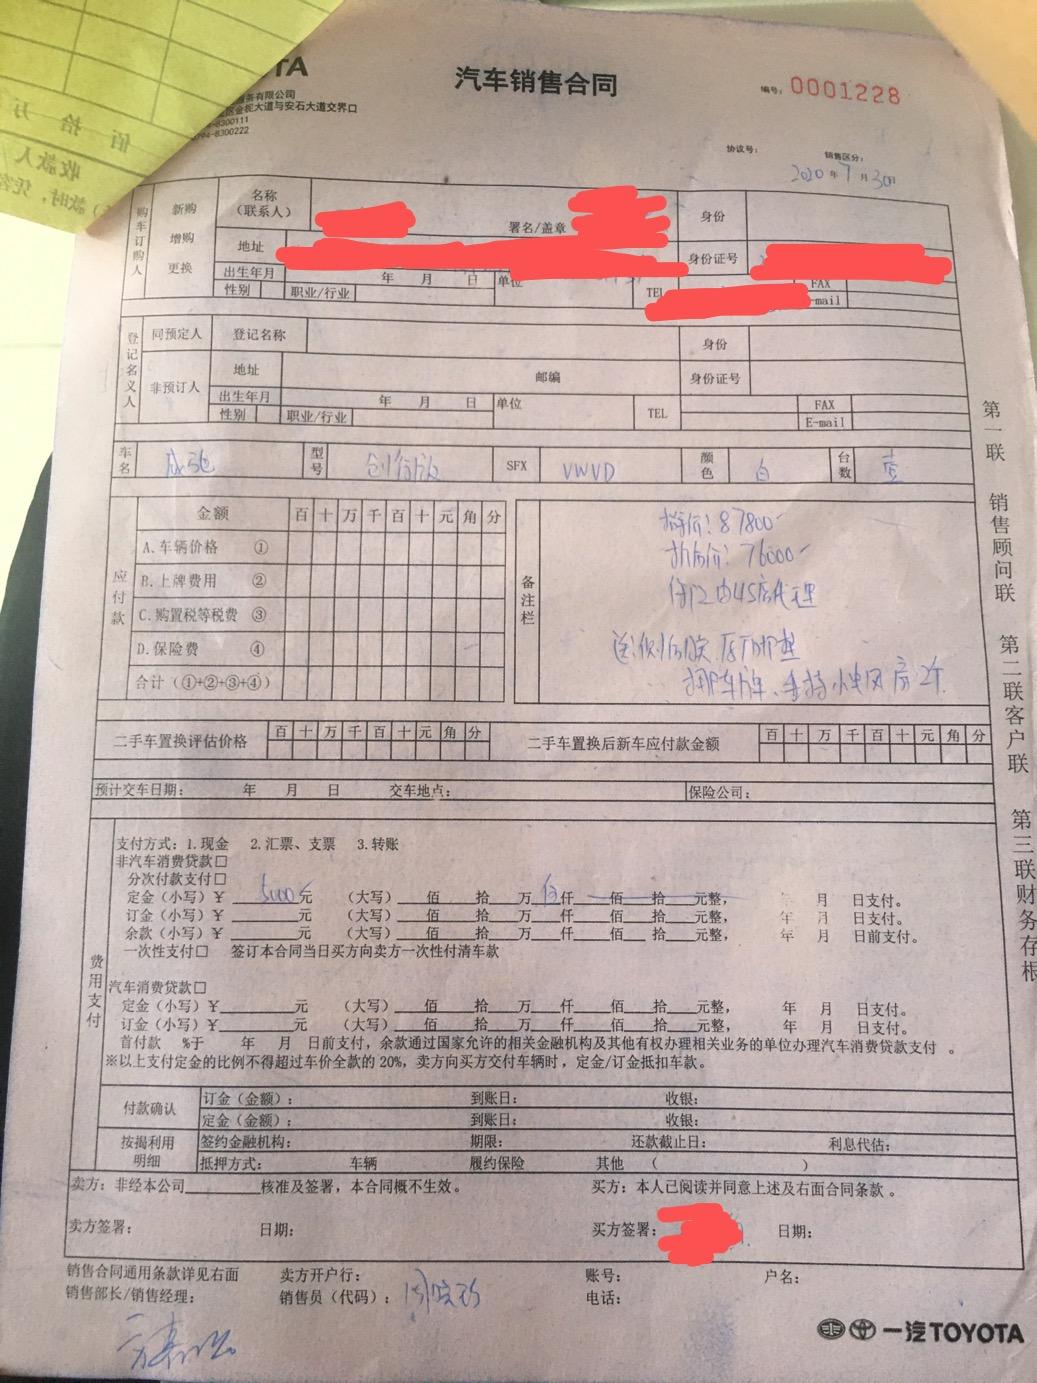 丰田-威驰 4s店强制买保险不退订金,厂家和4s店沆瀣一气,4s店拿了订金丢了民心